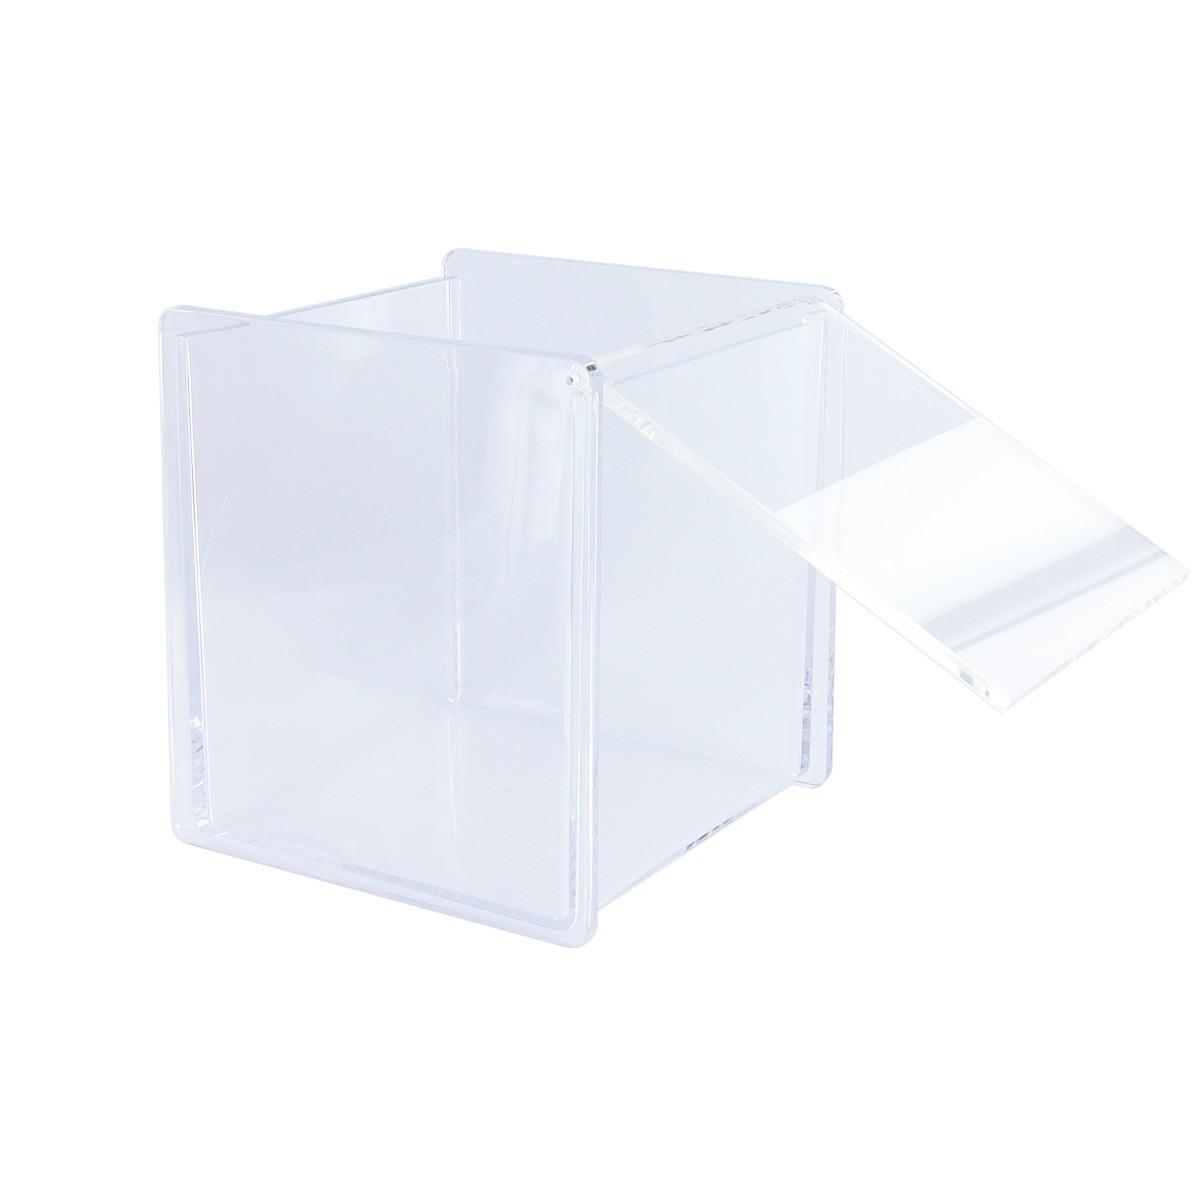 Bo te cube transparente rangement picerie - Boite acrylique transparente ...